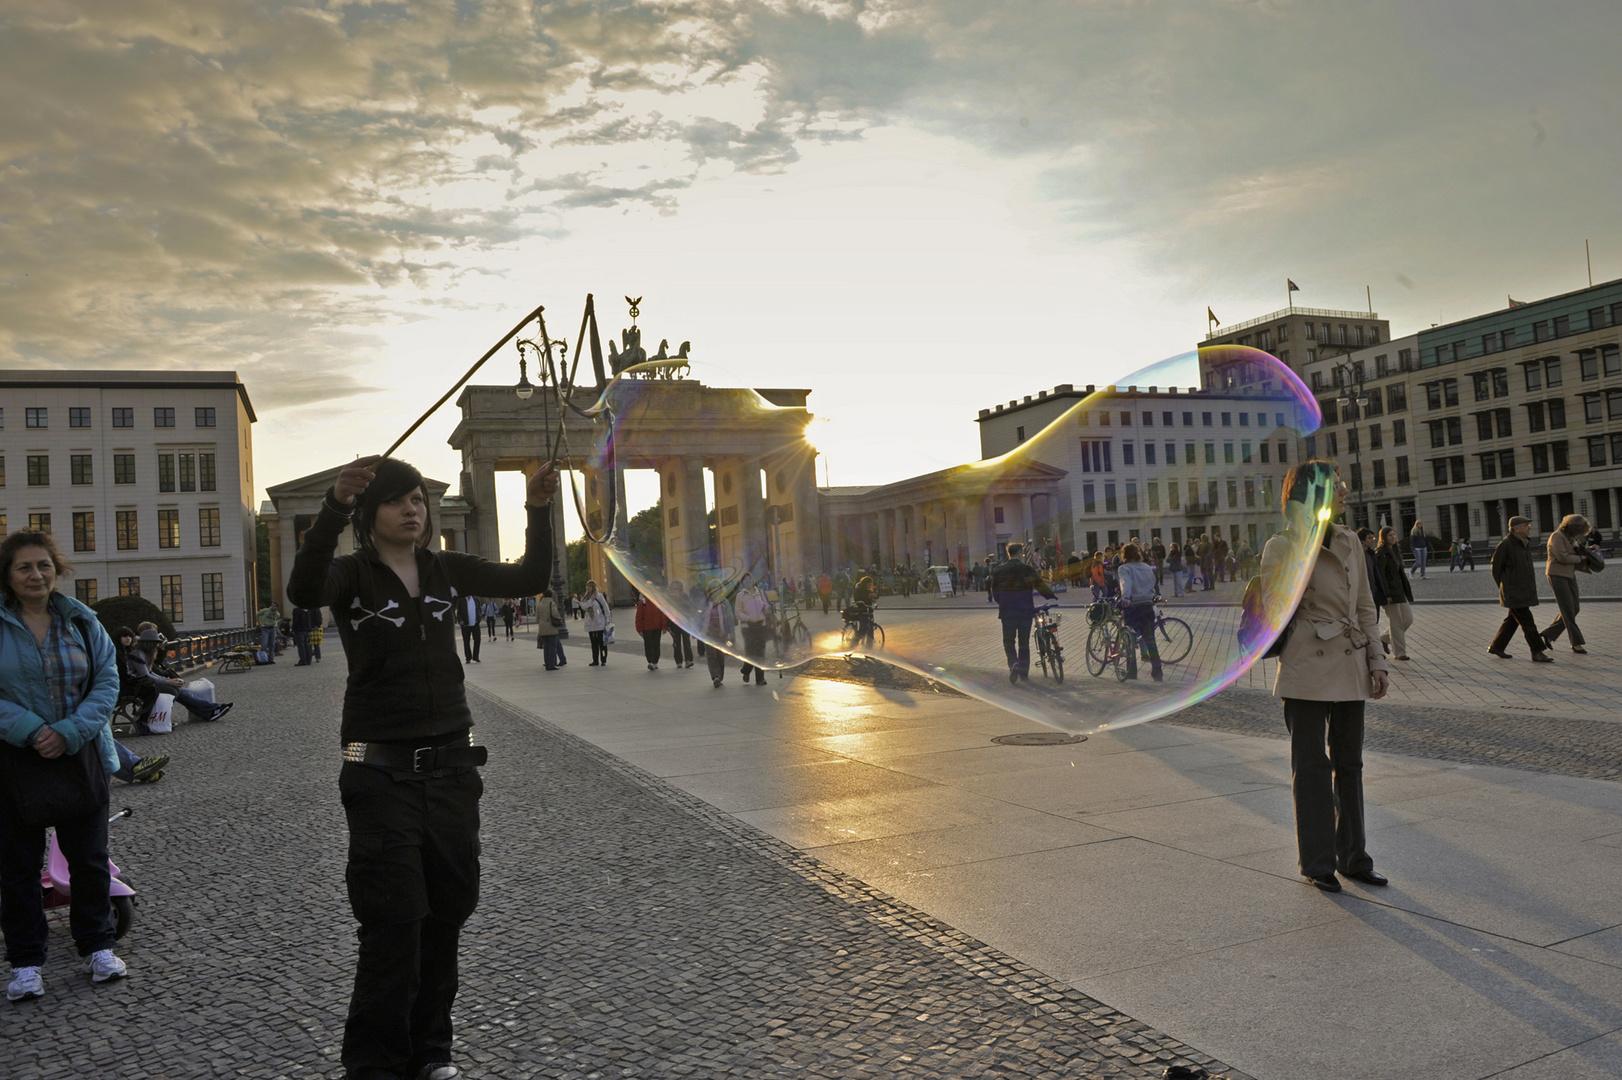 Die große Blase am Brandenburger Tor